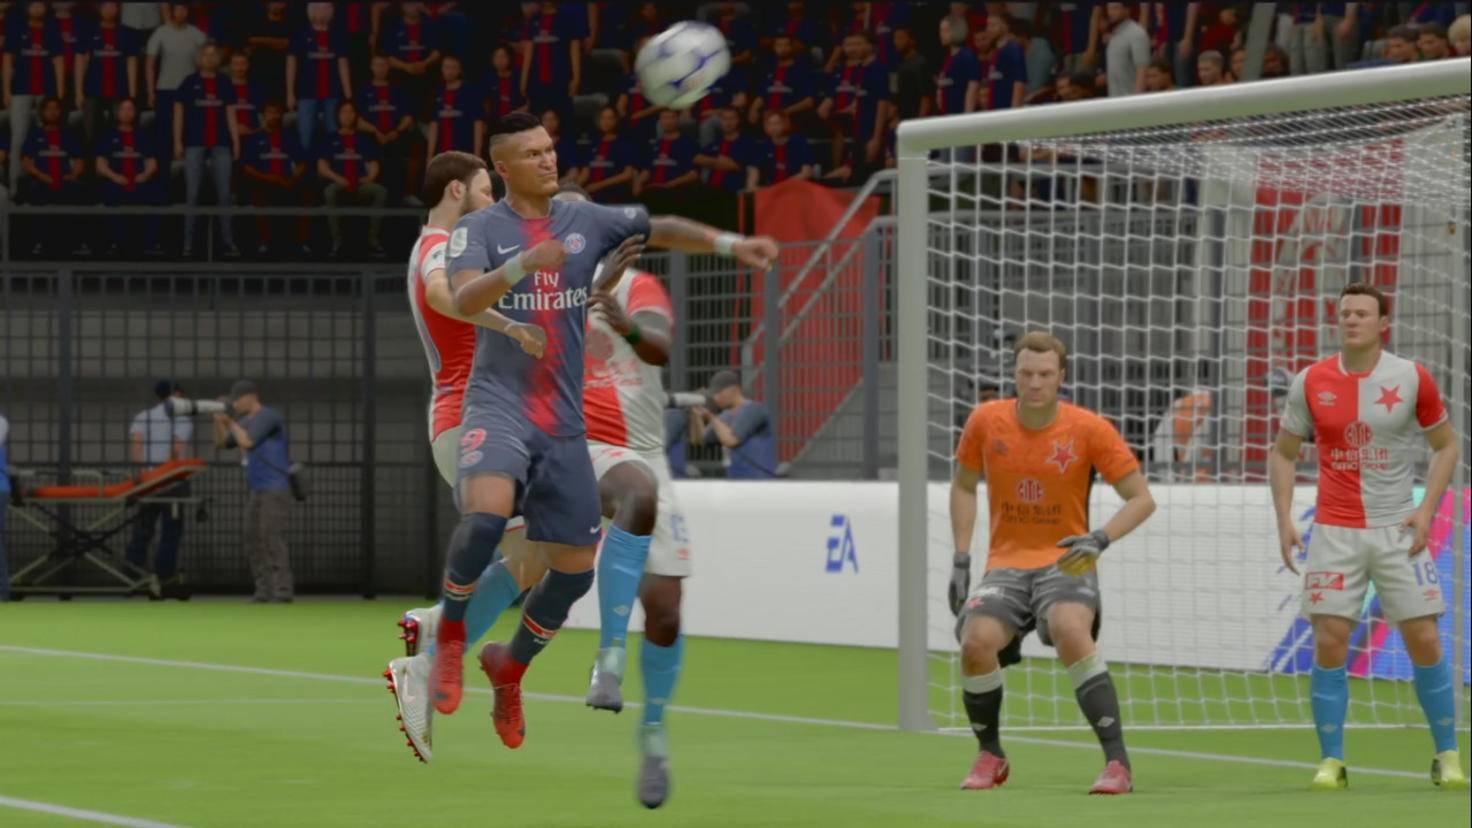 """In Wiederholungen wird die Detailliebe von """"FIFA 19"""" deutlich."""